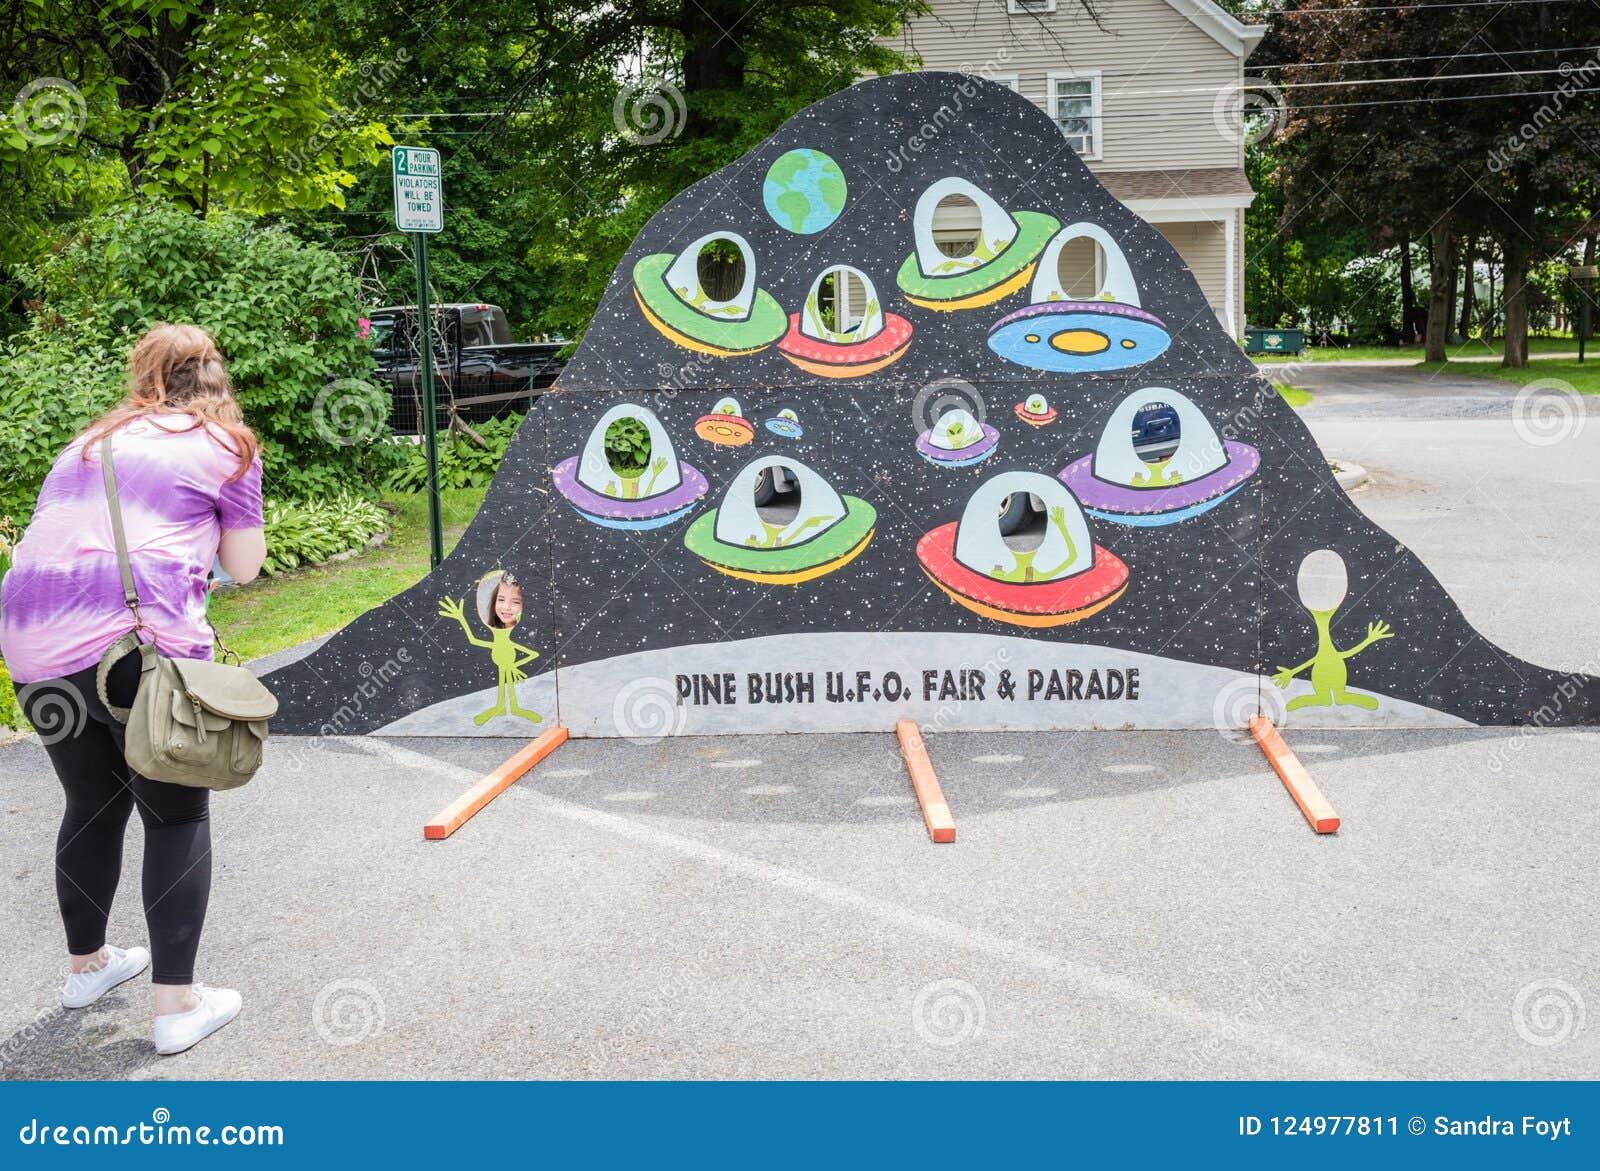 Pine Bush UFO Fair Flying Saucer Photo Opp